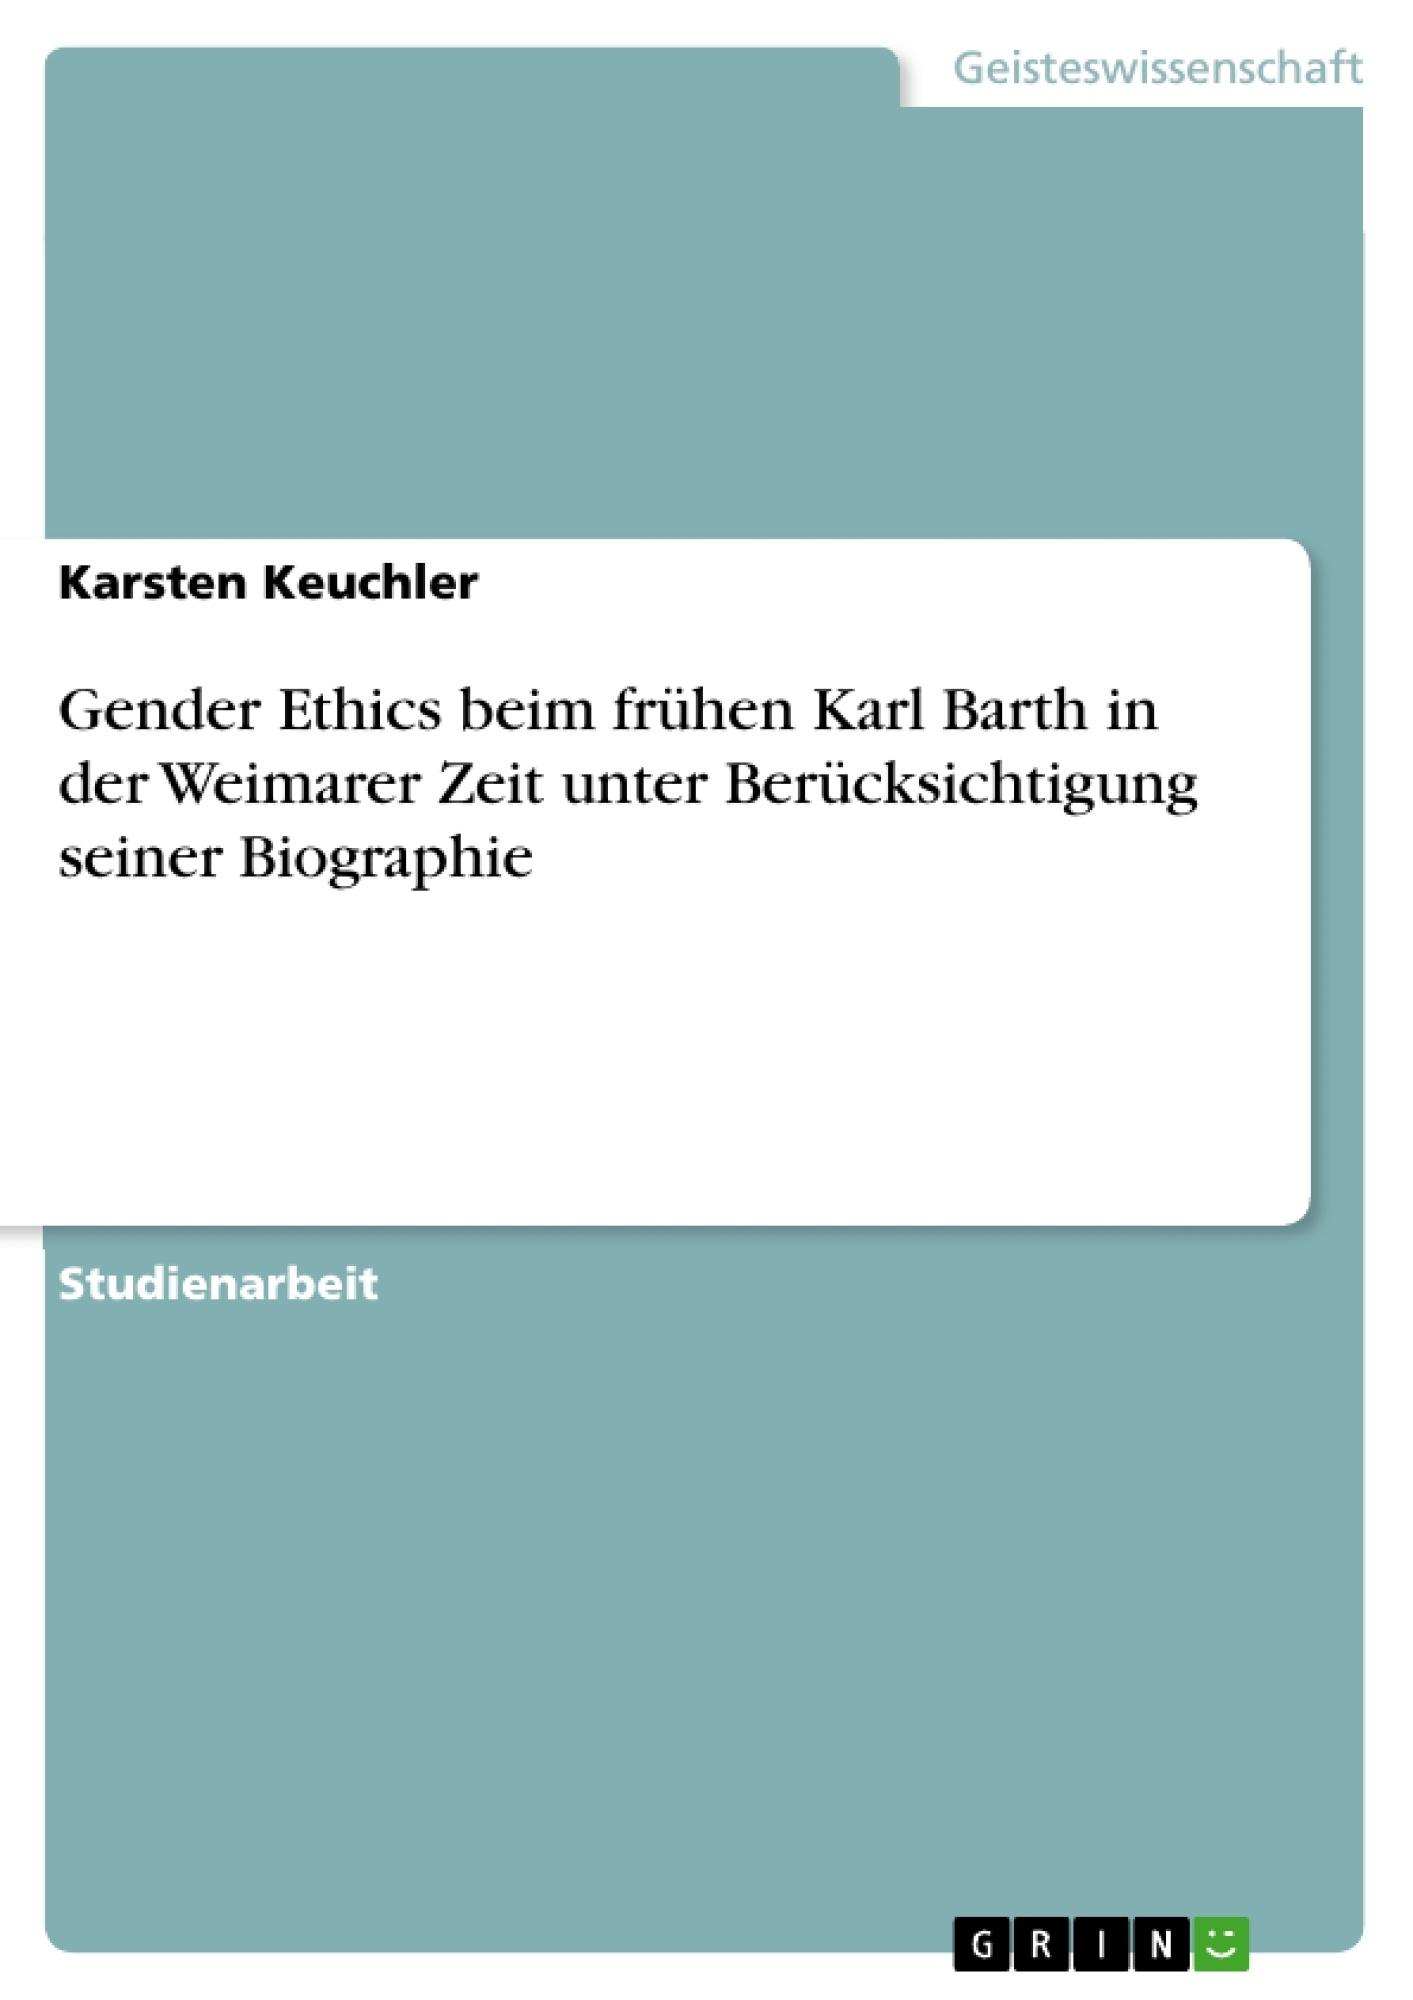 Titel: Gender Ethics beim frühen Karl Barth in der Weimarer Zeit unter Berücksichtigung seiner Biographie